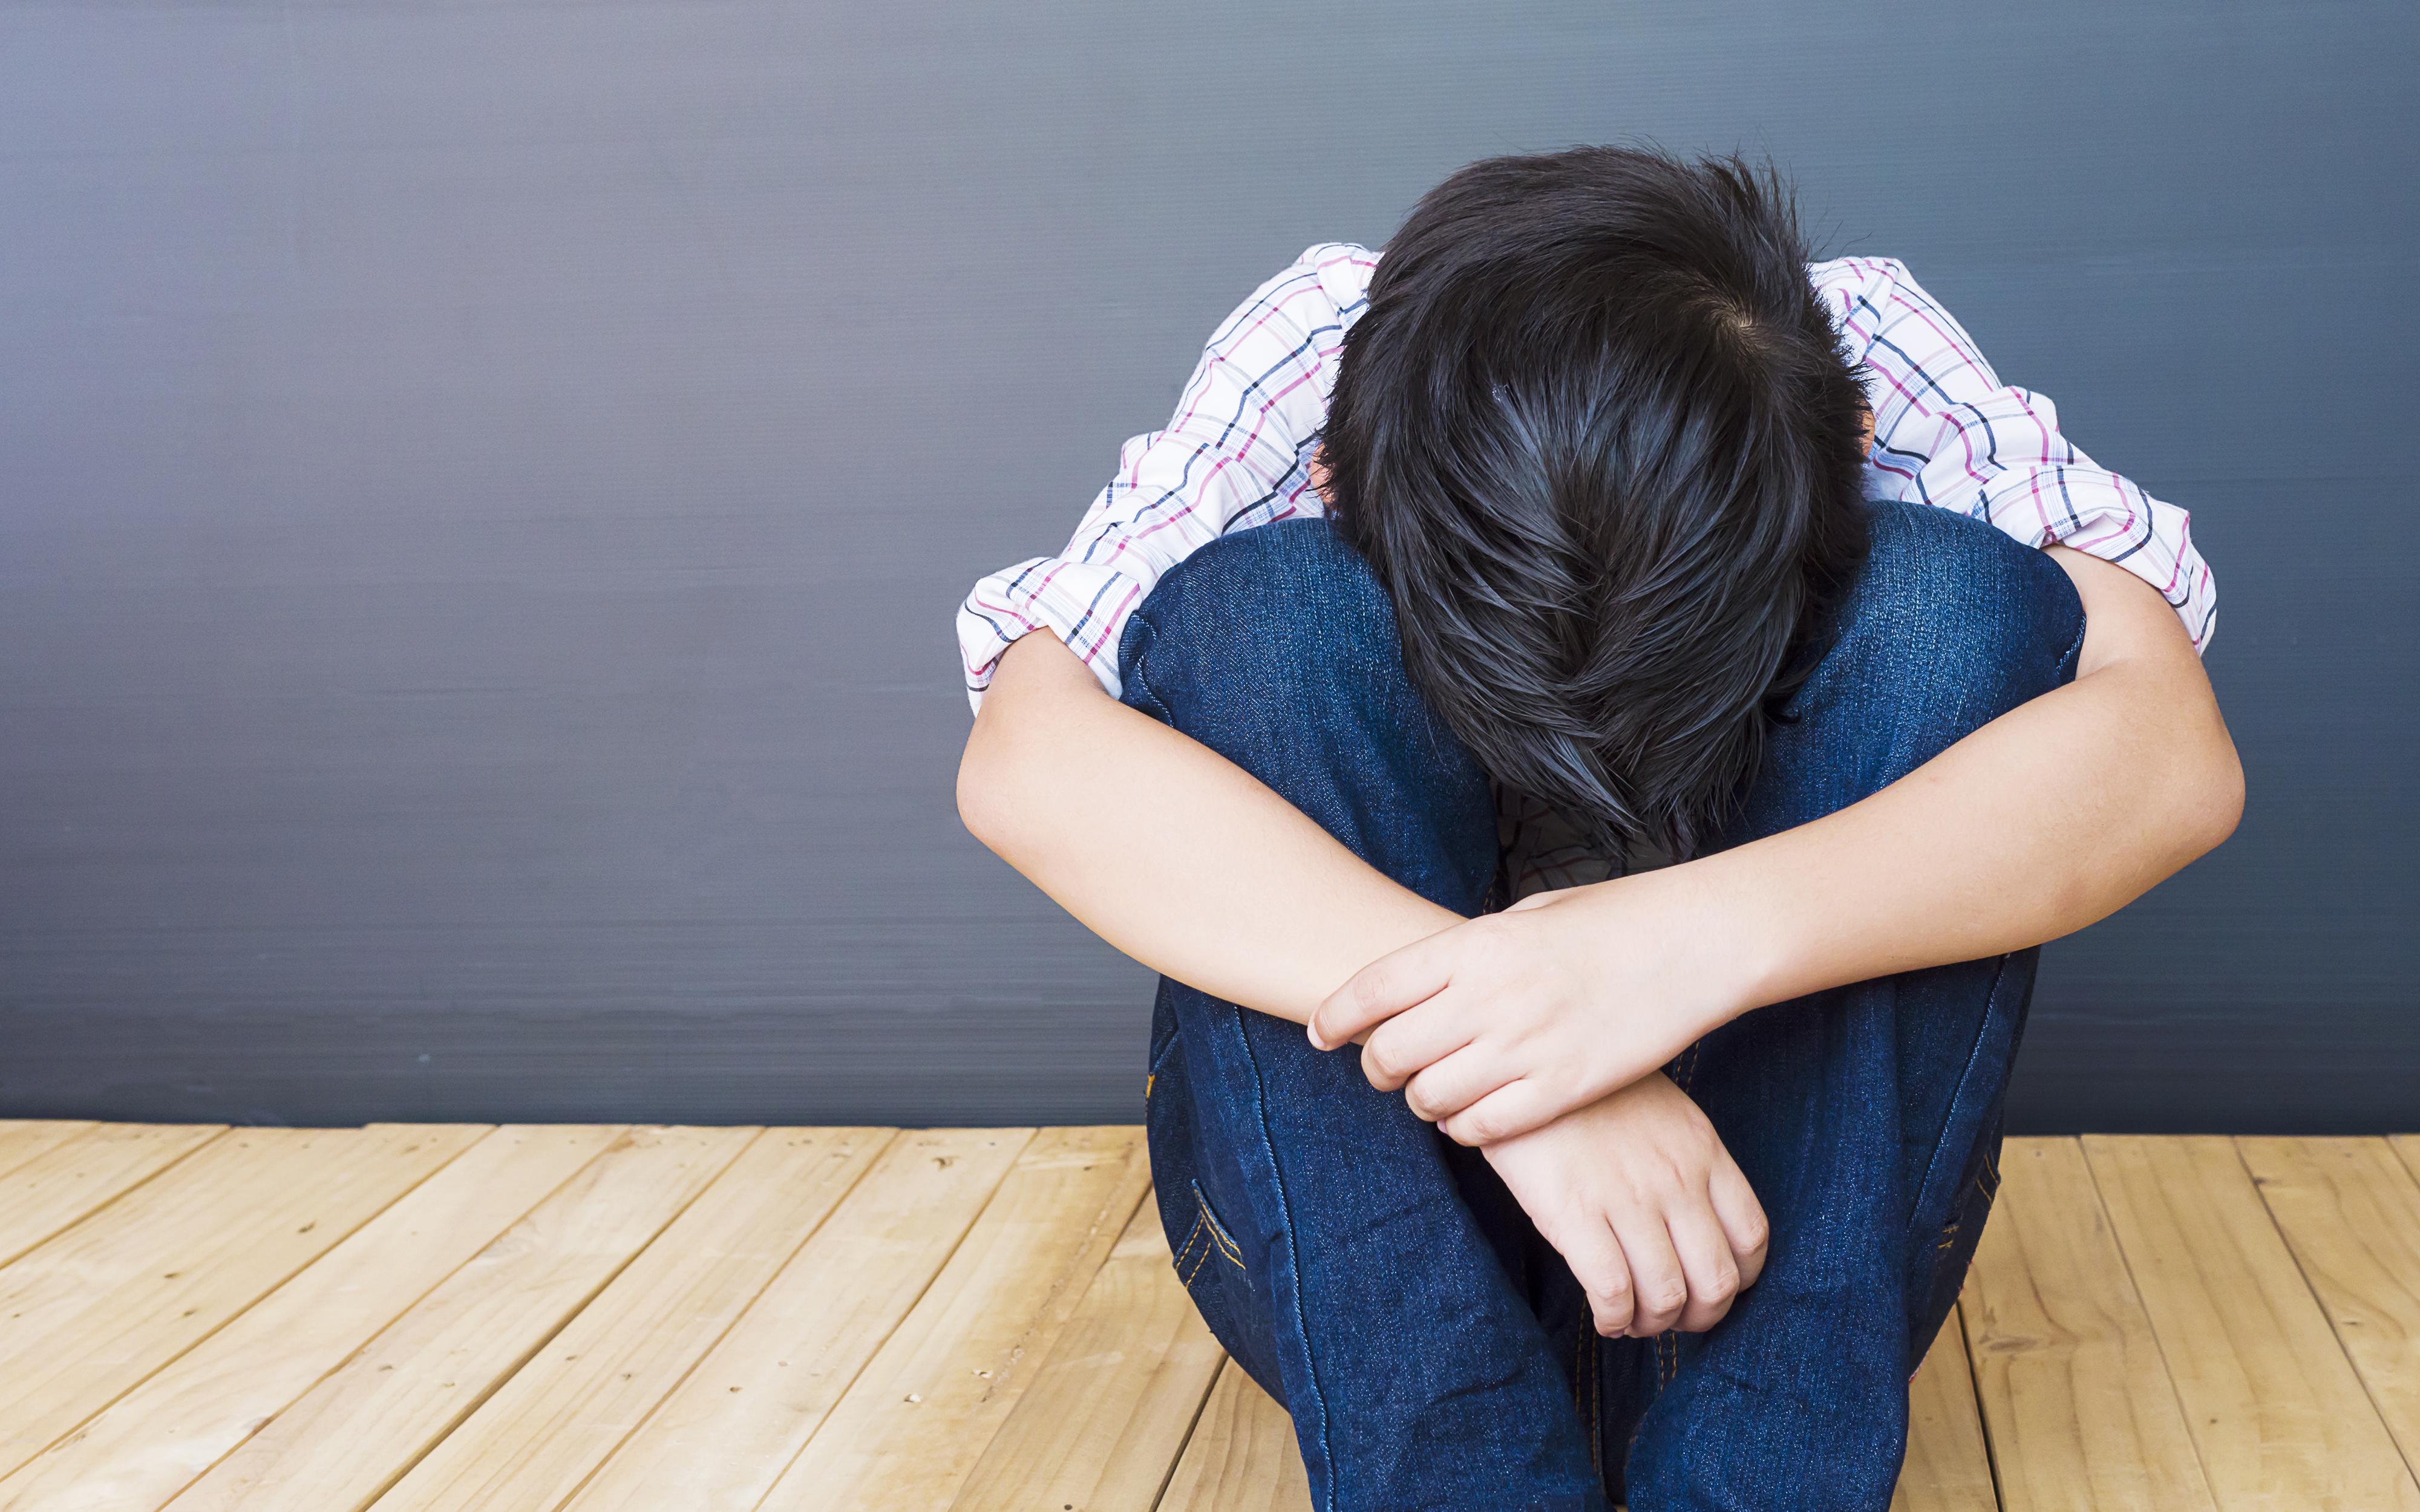 Nino-triste-acurrucado.jpg